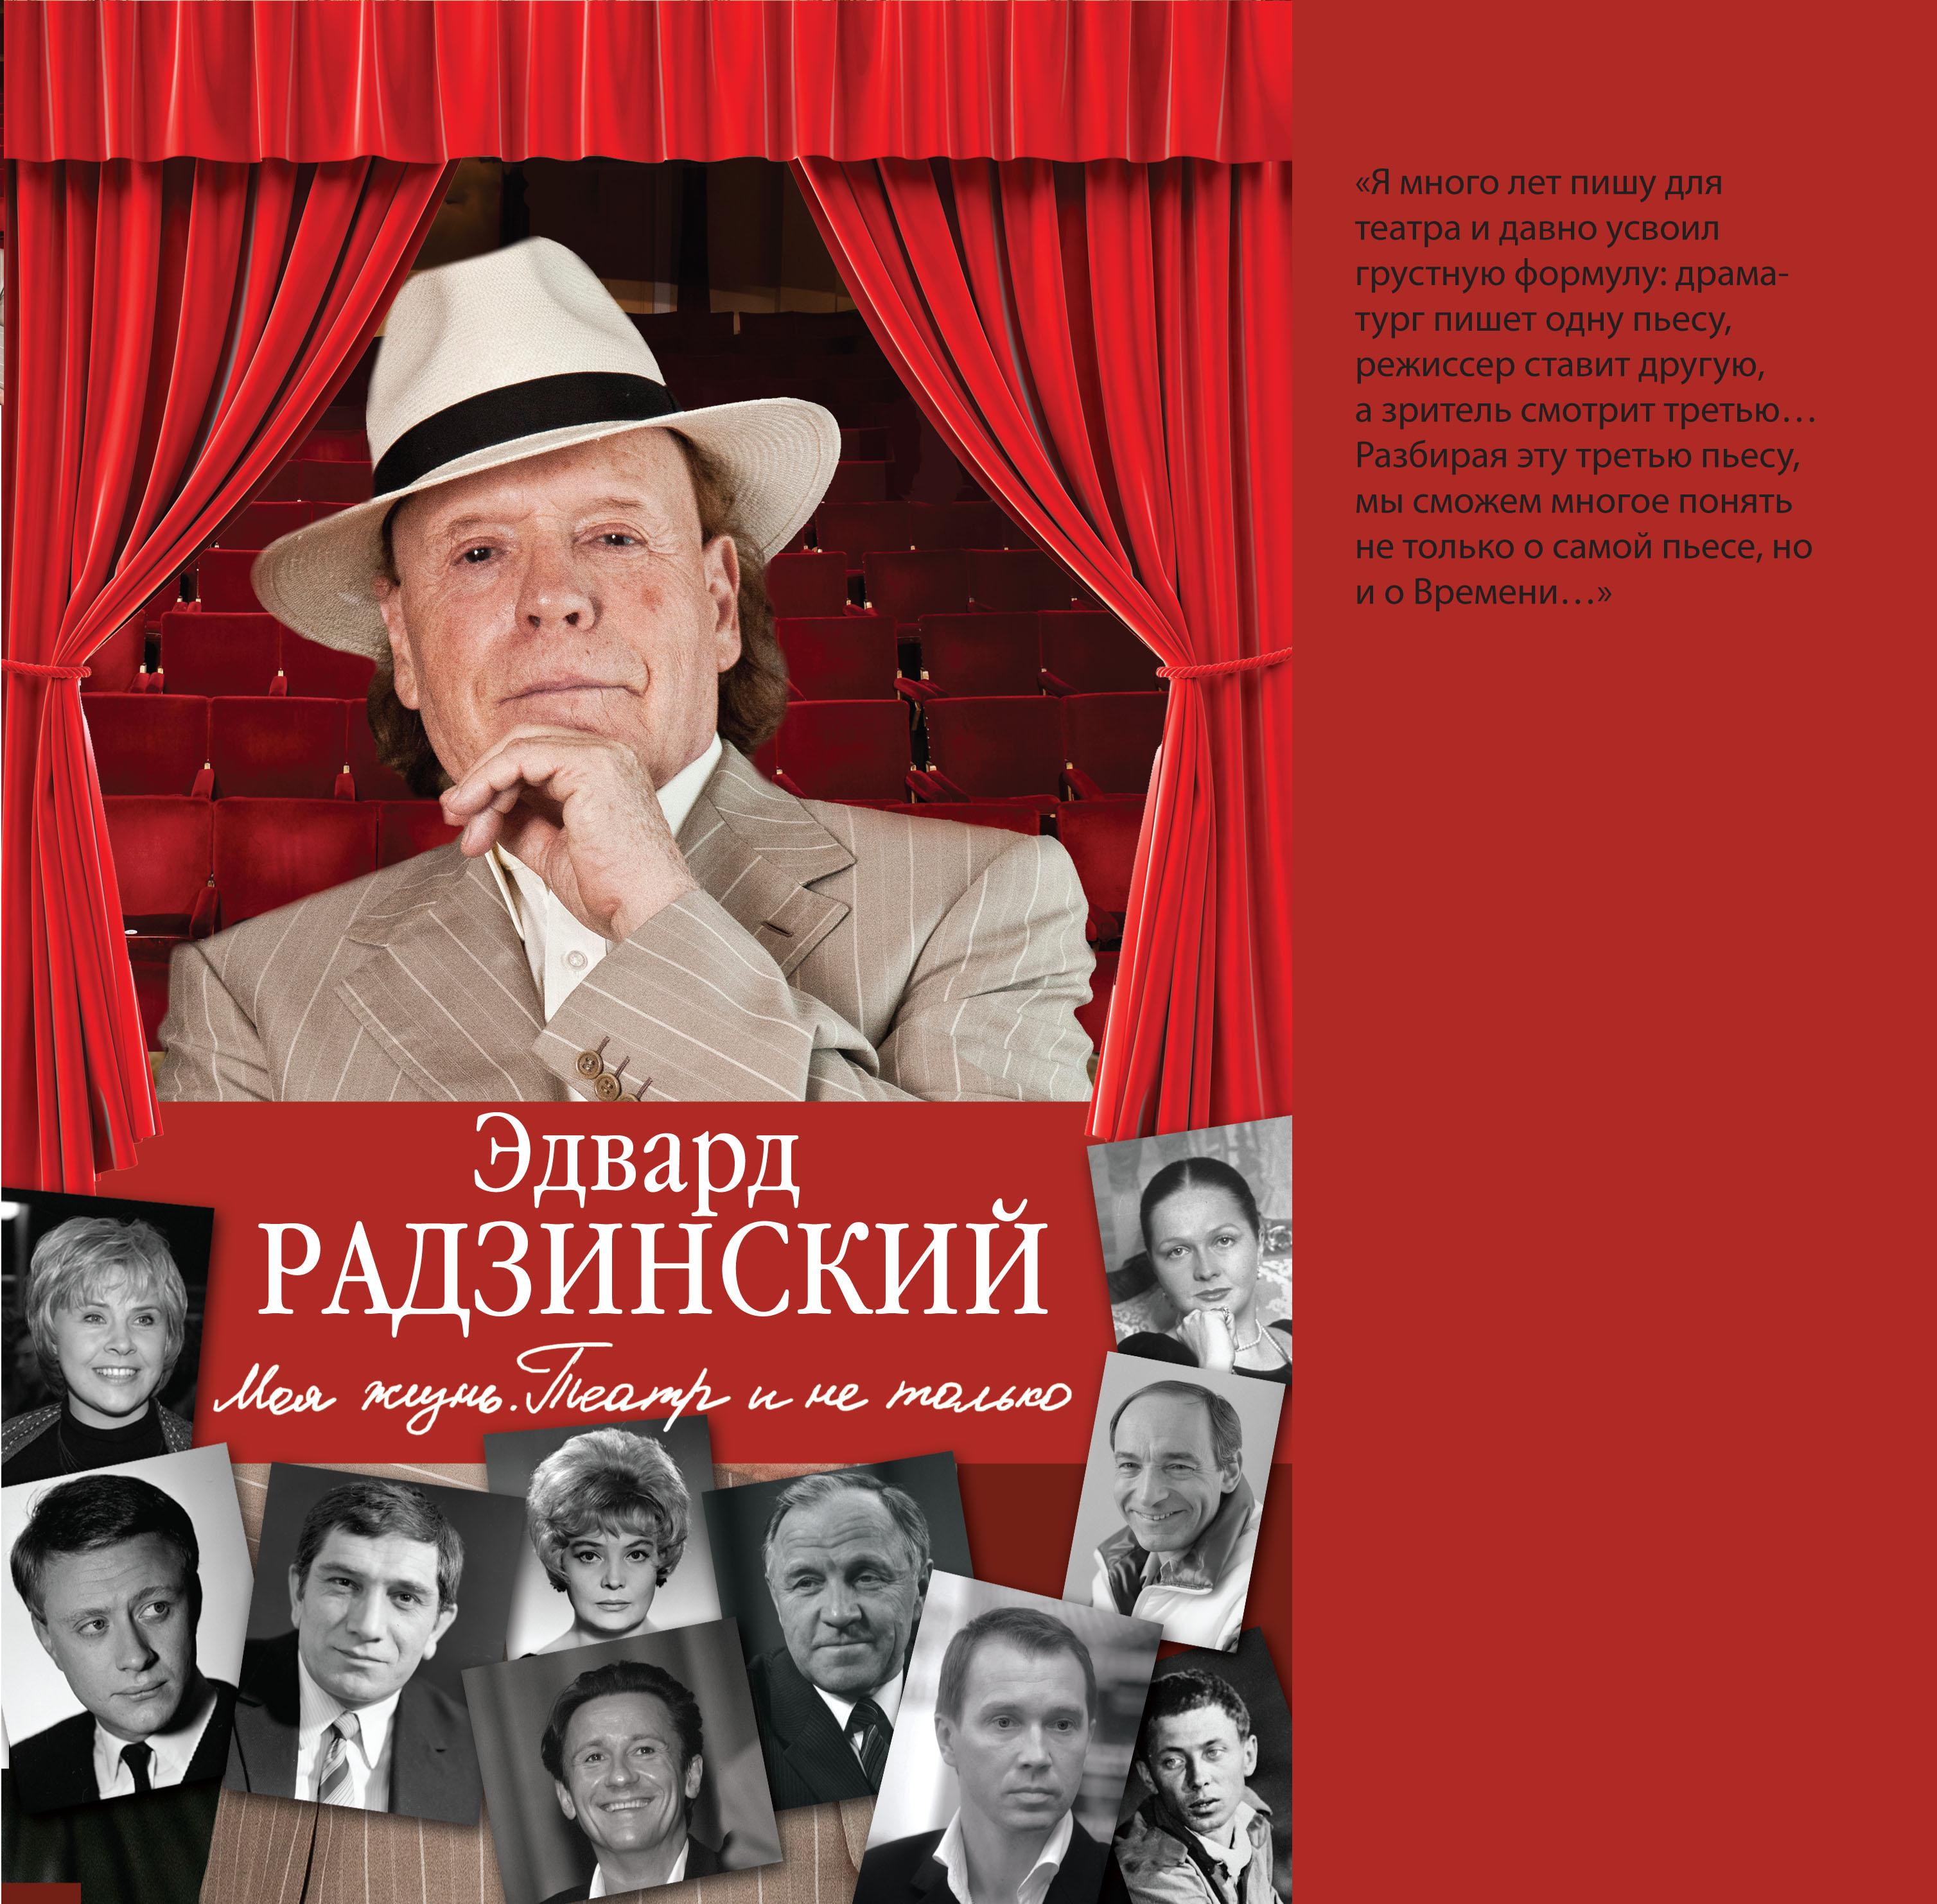 Радзинский гибель поэтов в россии 8 фотография